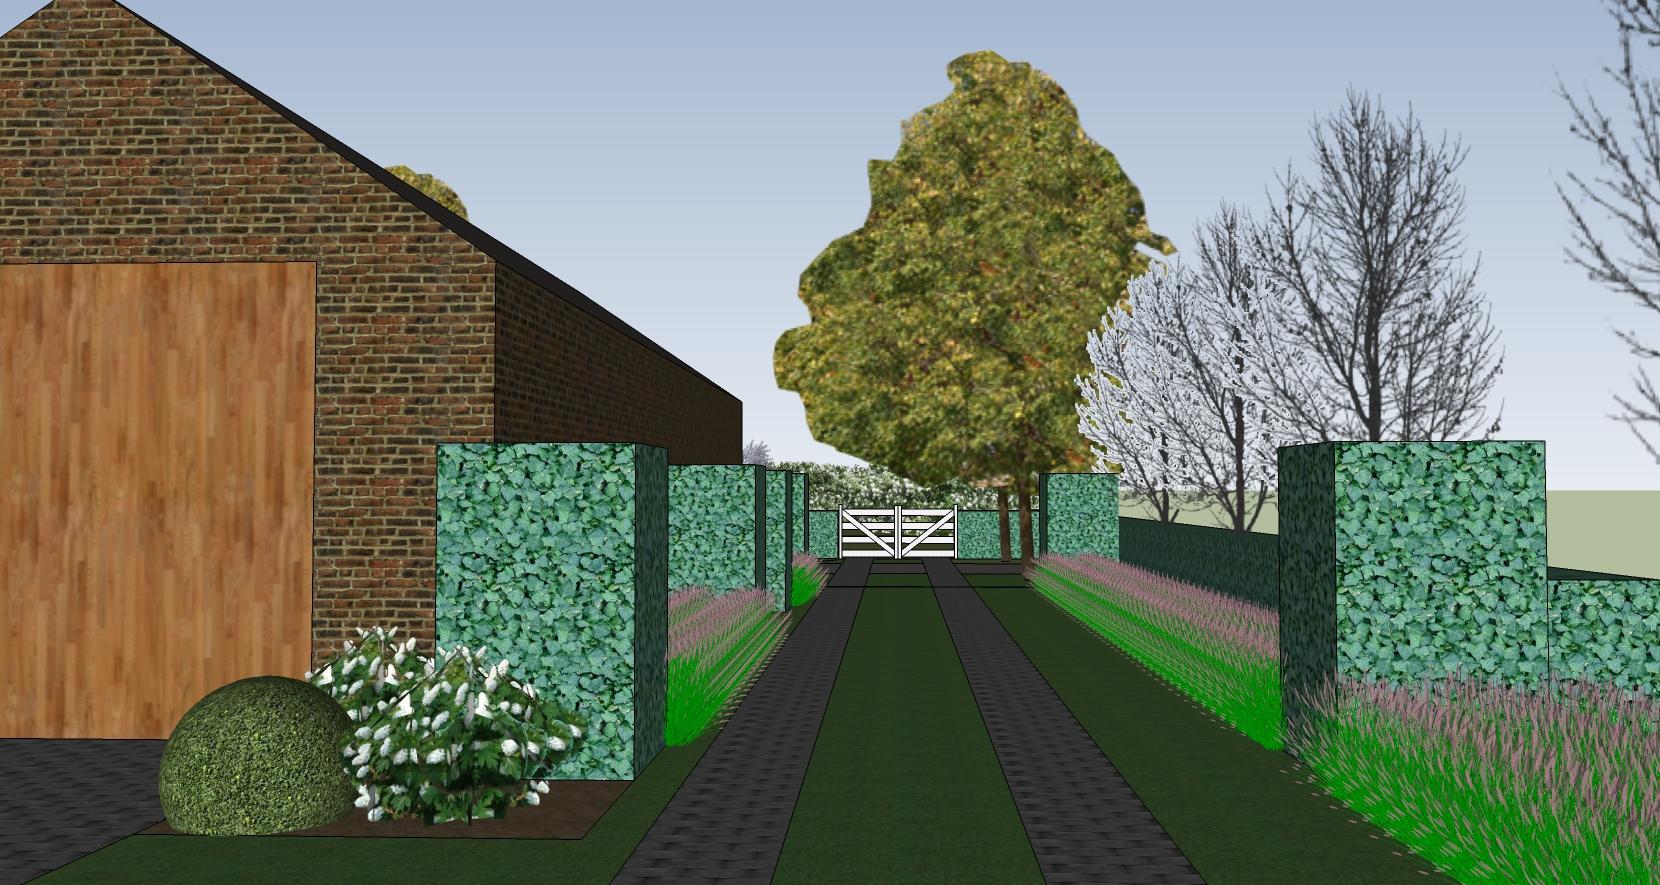 Tuinontwerp Kemmel - landelijke tuin - oprit en karrenspoor met groenmassieven van buxus afgewisseld met siergrassen